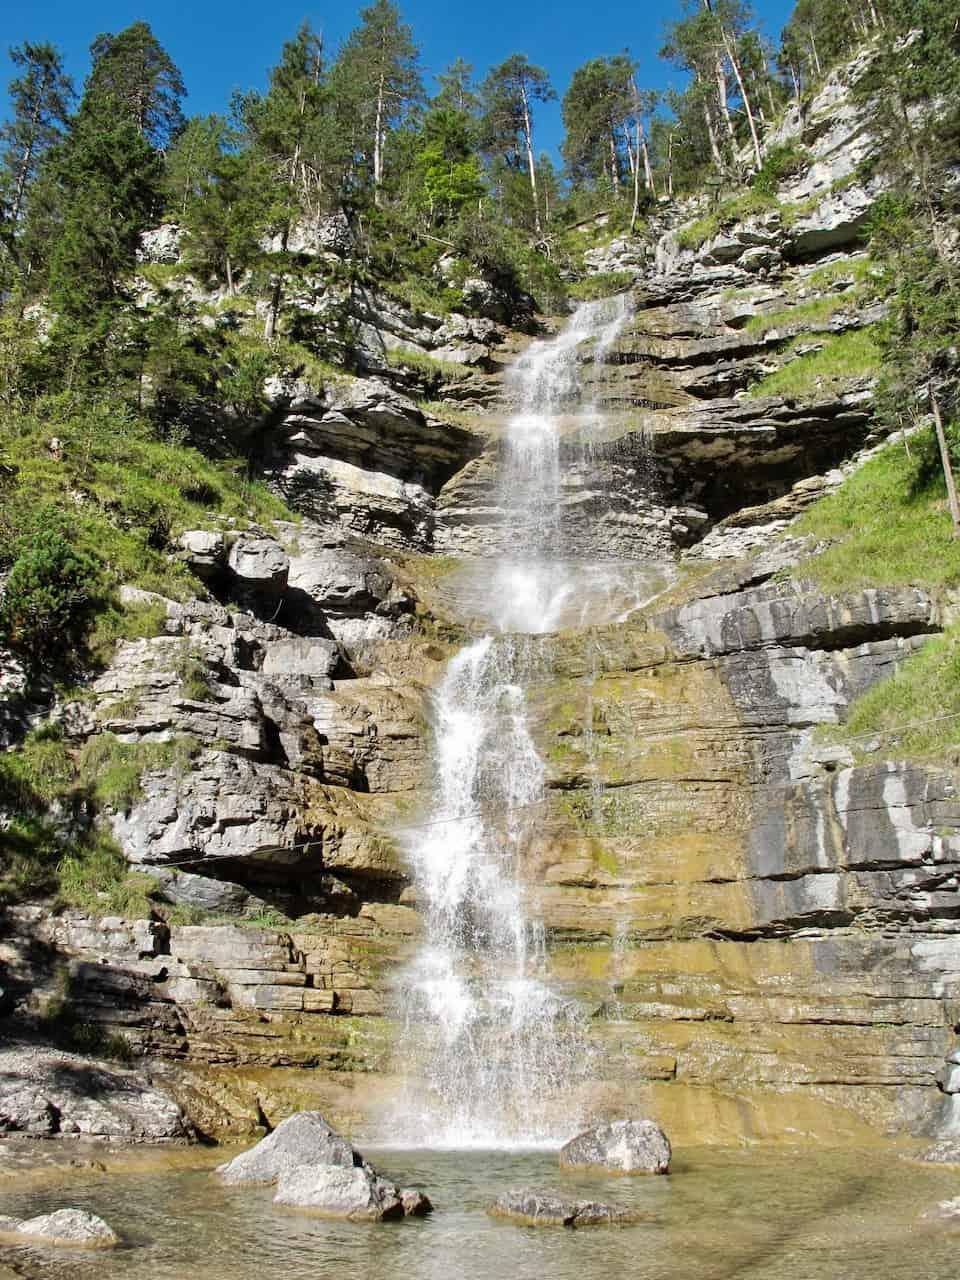 haselgehr-waterfall-photo